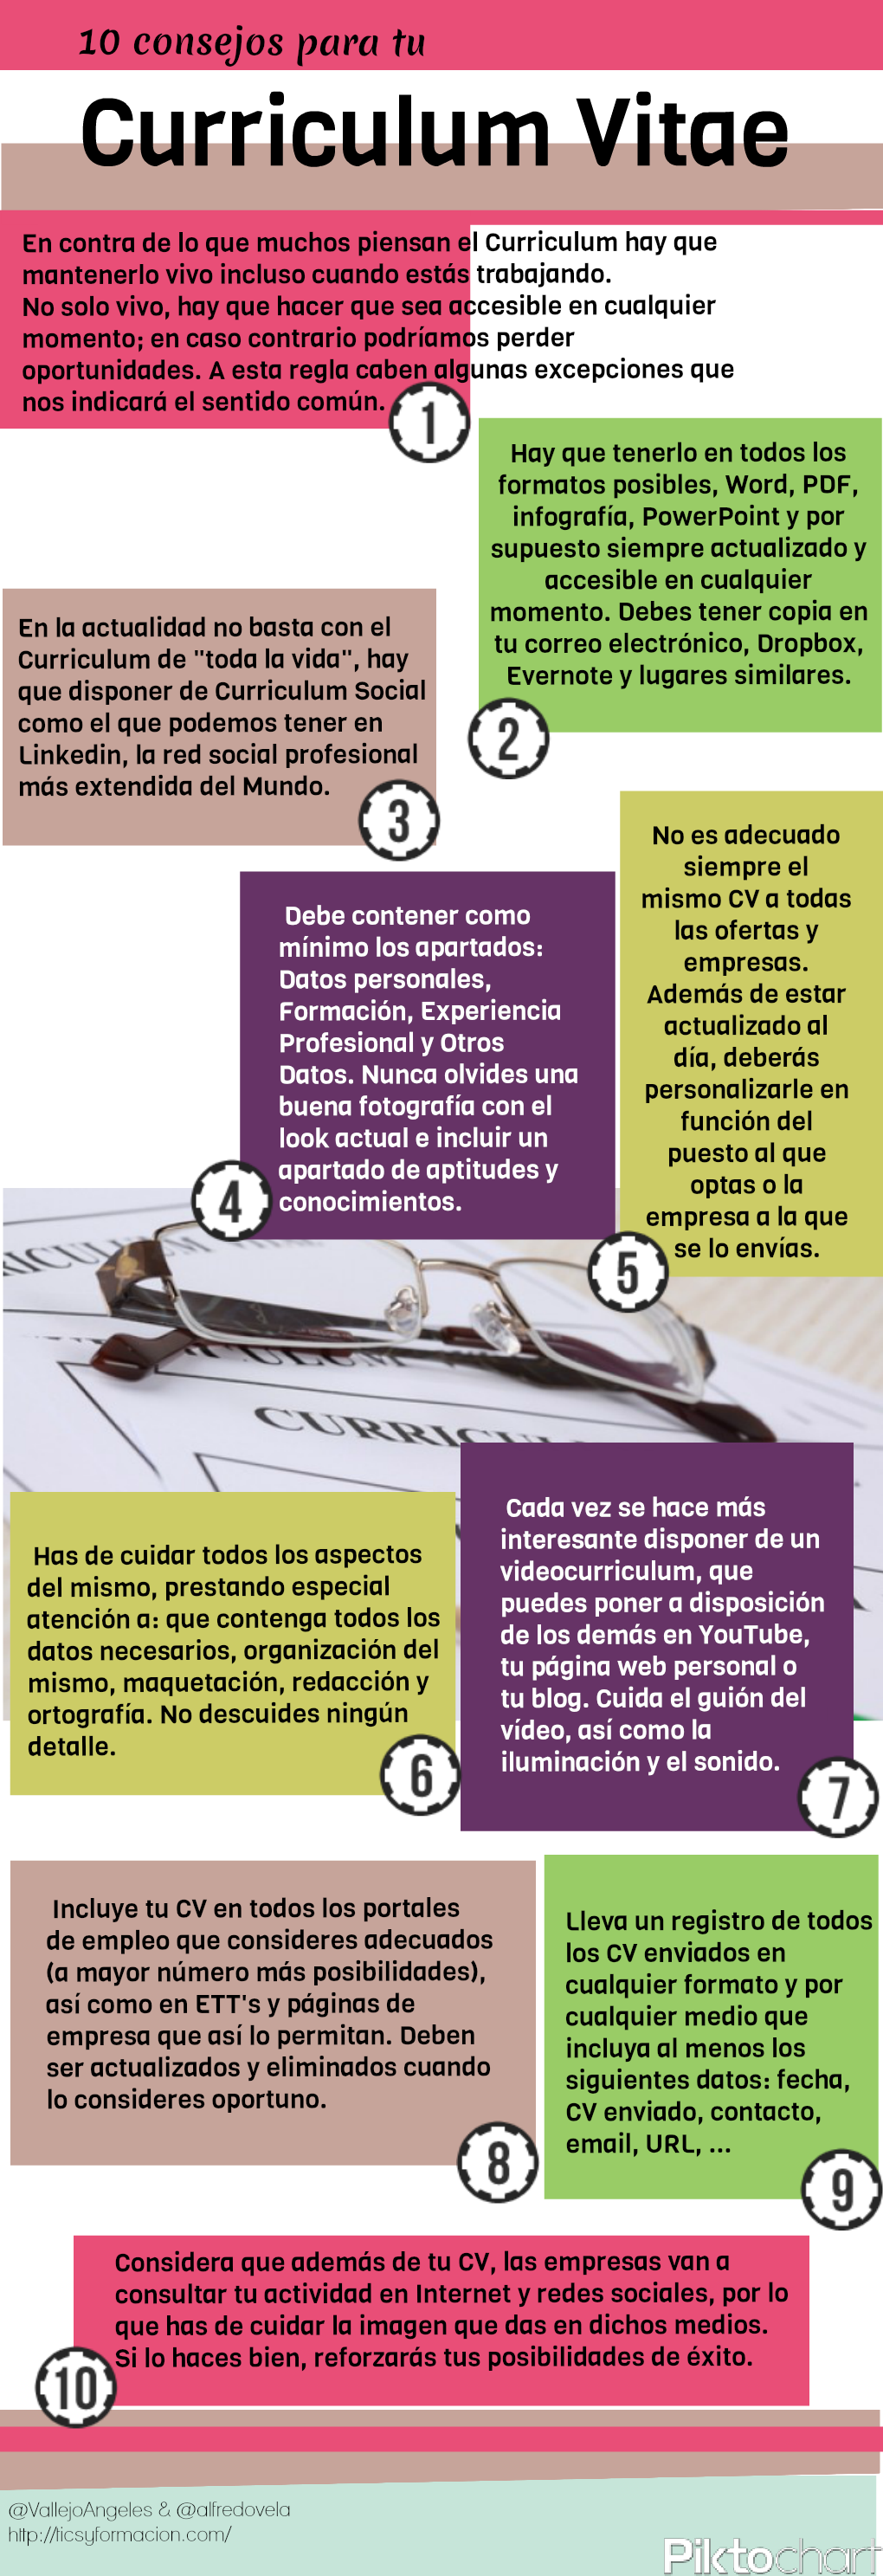 10 consejos para tu curriculum vitae infografia